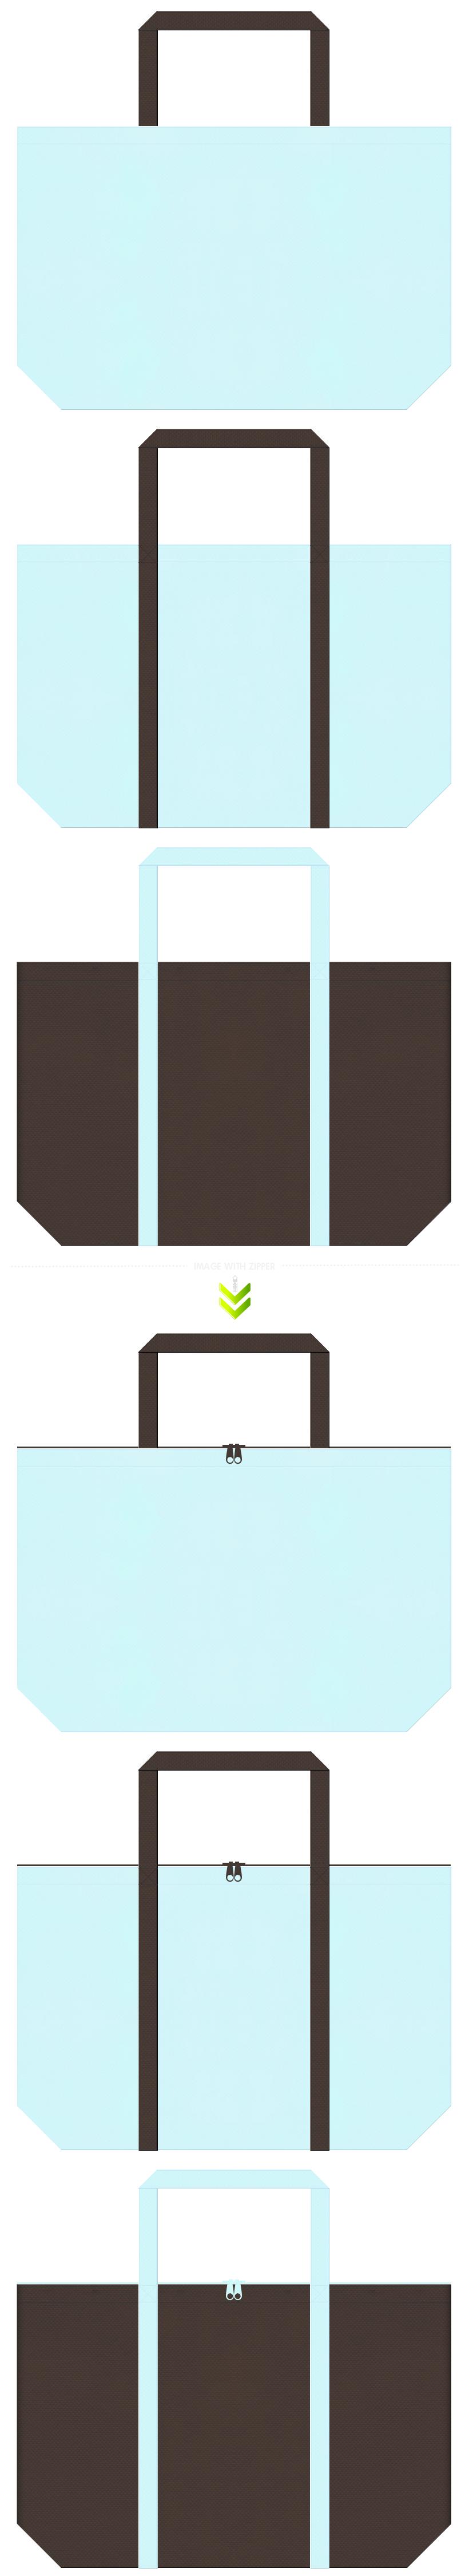 水と環境・水資源・CO2削減・環境セミナー・環境イベント・アイスキャンディー・ミントチョコ・ガーリーデザインにお奨めの不織布バッグデザイン:水色とこげ茶色のコーデ